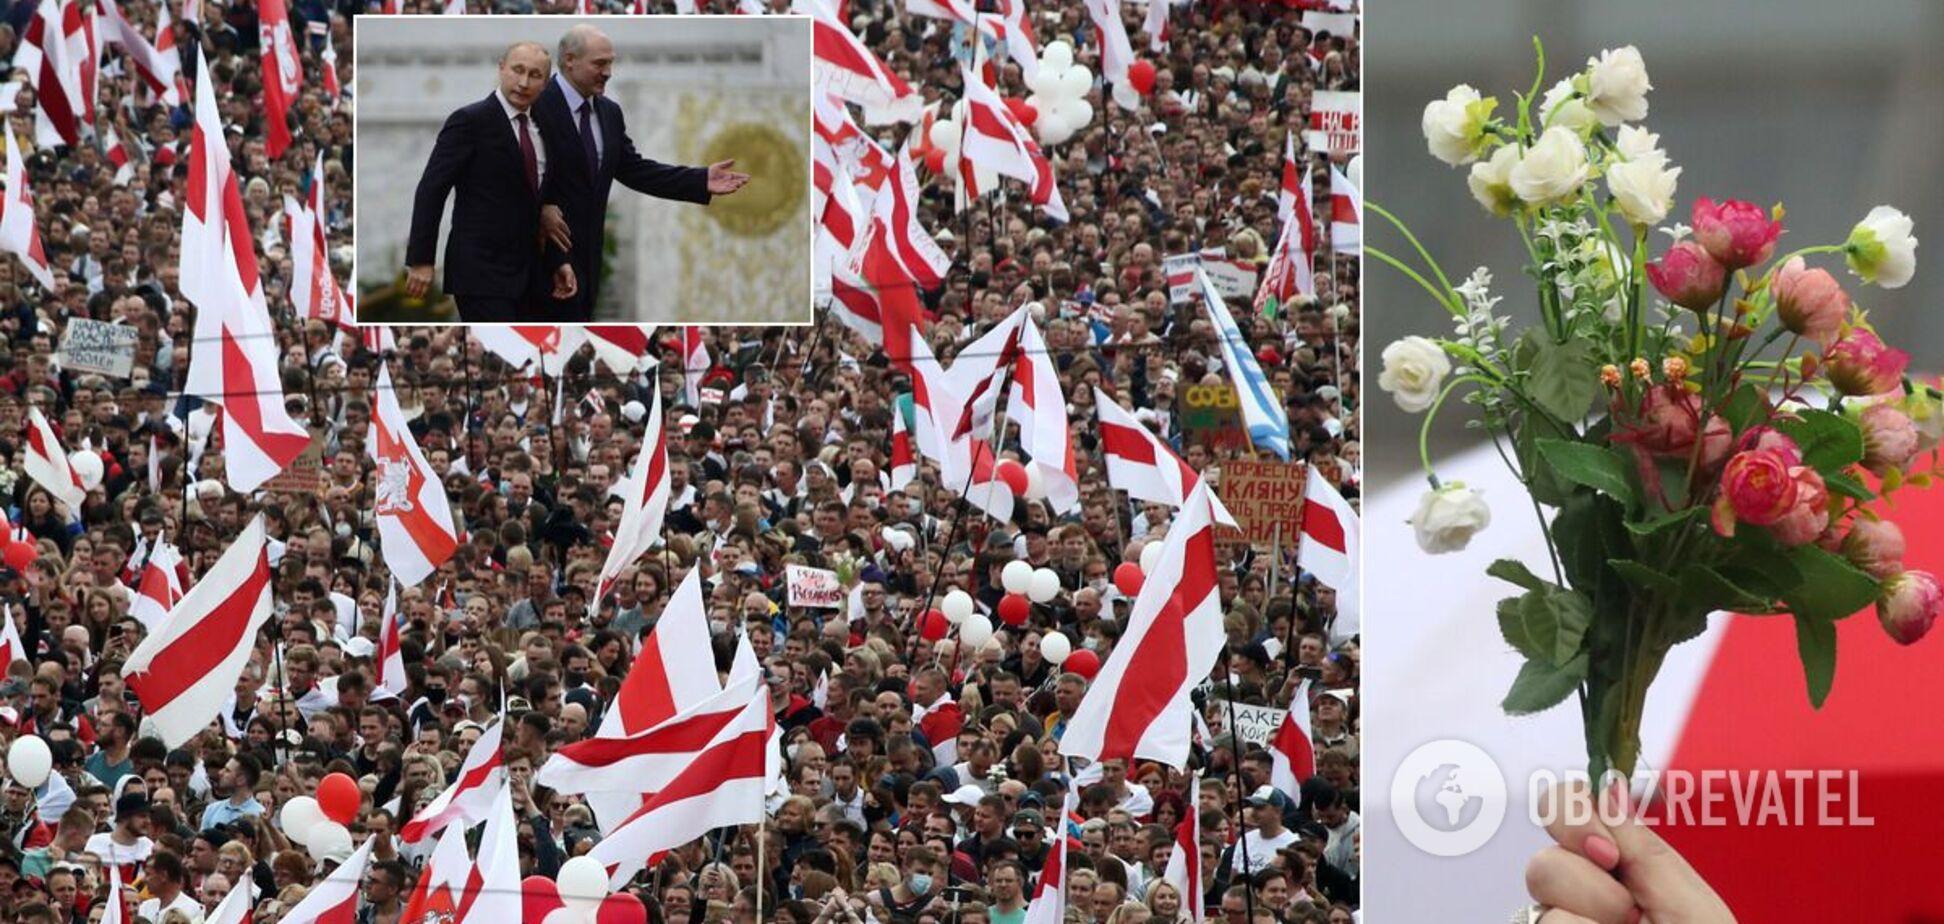 Оппозиционер: Беларусь ждет противостояние, у Лукашенко есть две мощные подпорки